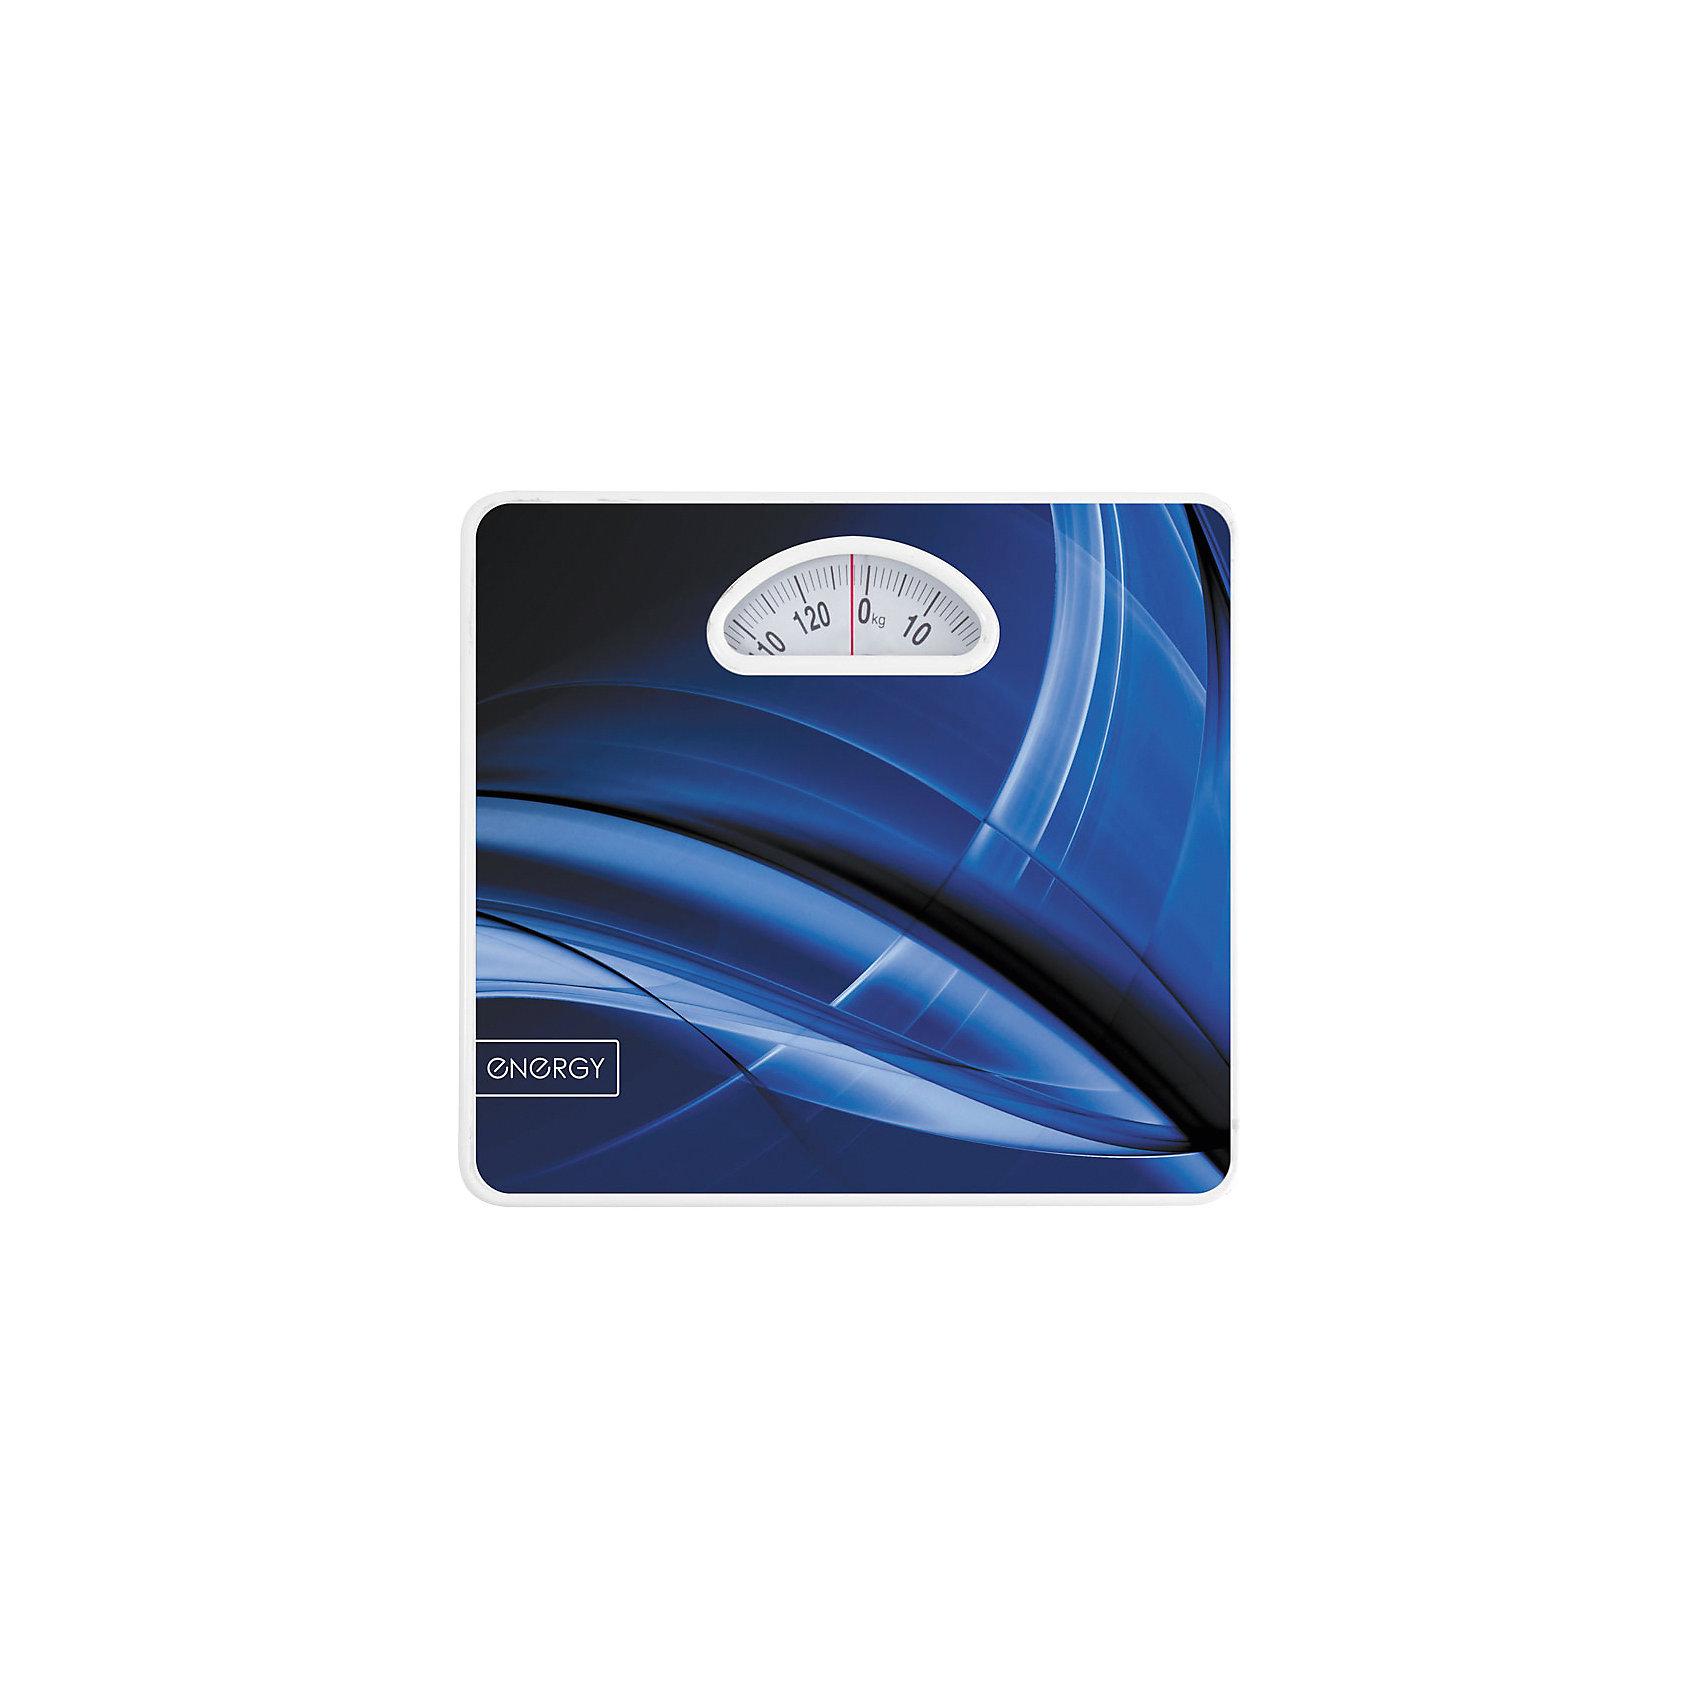 Весы напольные механические ENМ-408B, EnergyСледить за своим весом – это легко. Напольные весы Energy позволяют контролировать систематическое изменение веса. Надежный механизм весов гарантирует длительную службу изделия. Цифры на дисплее крупные, яркая стрелочка красного цвета точно указывает на цифру-показатель веса. <br><br>Дополнительная информация:<br><br>Размер: 27х27,5 см<br><br>Максимальная нагрузка: 120 кг<br>Цена деления: 1 кг <br><br>Весы напольные механические ENМ-408B, Energy можно купить в нашем интернет-магазине.<br><br>Ширина мм: 280<br>Глубина мм: 280<br>Высота мм: 40<br>Вес г: 1175<br>Возраст от месяцев: 36<br>Возраст до месяцев: 1080<br>Пол: Унисекс<br>Возраст: Детский<br>SKU: 4989873